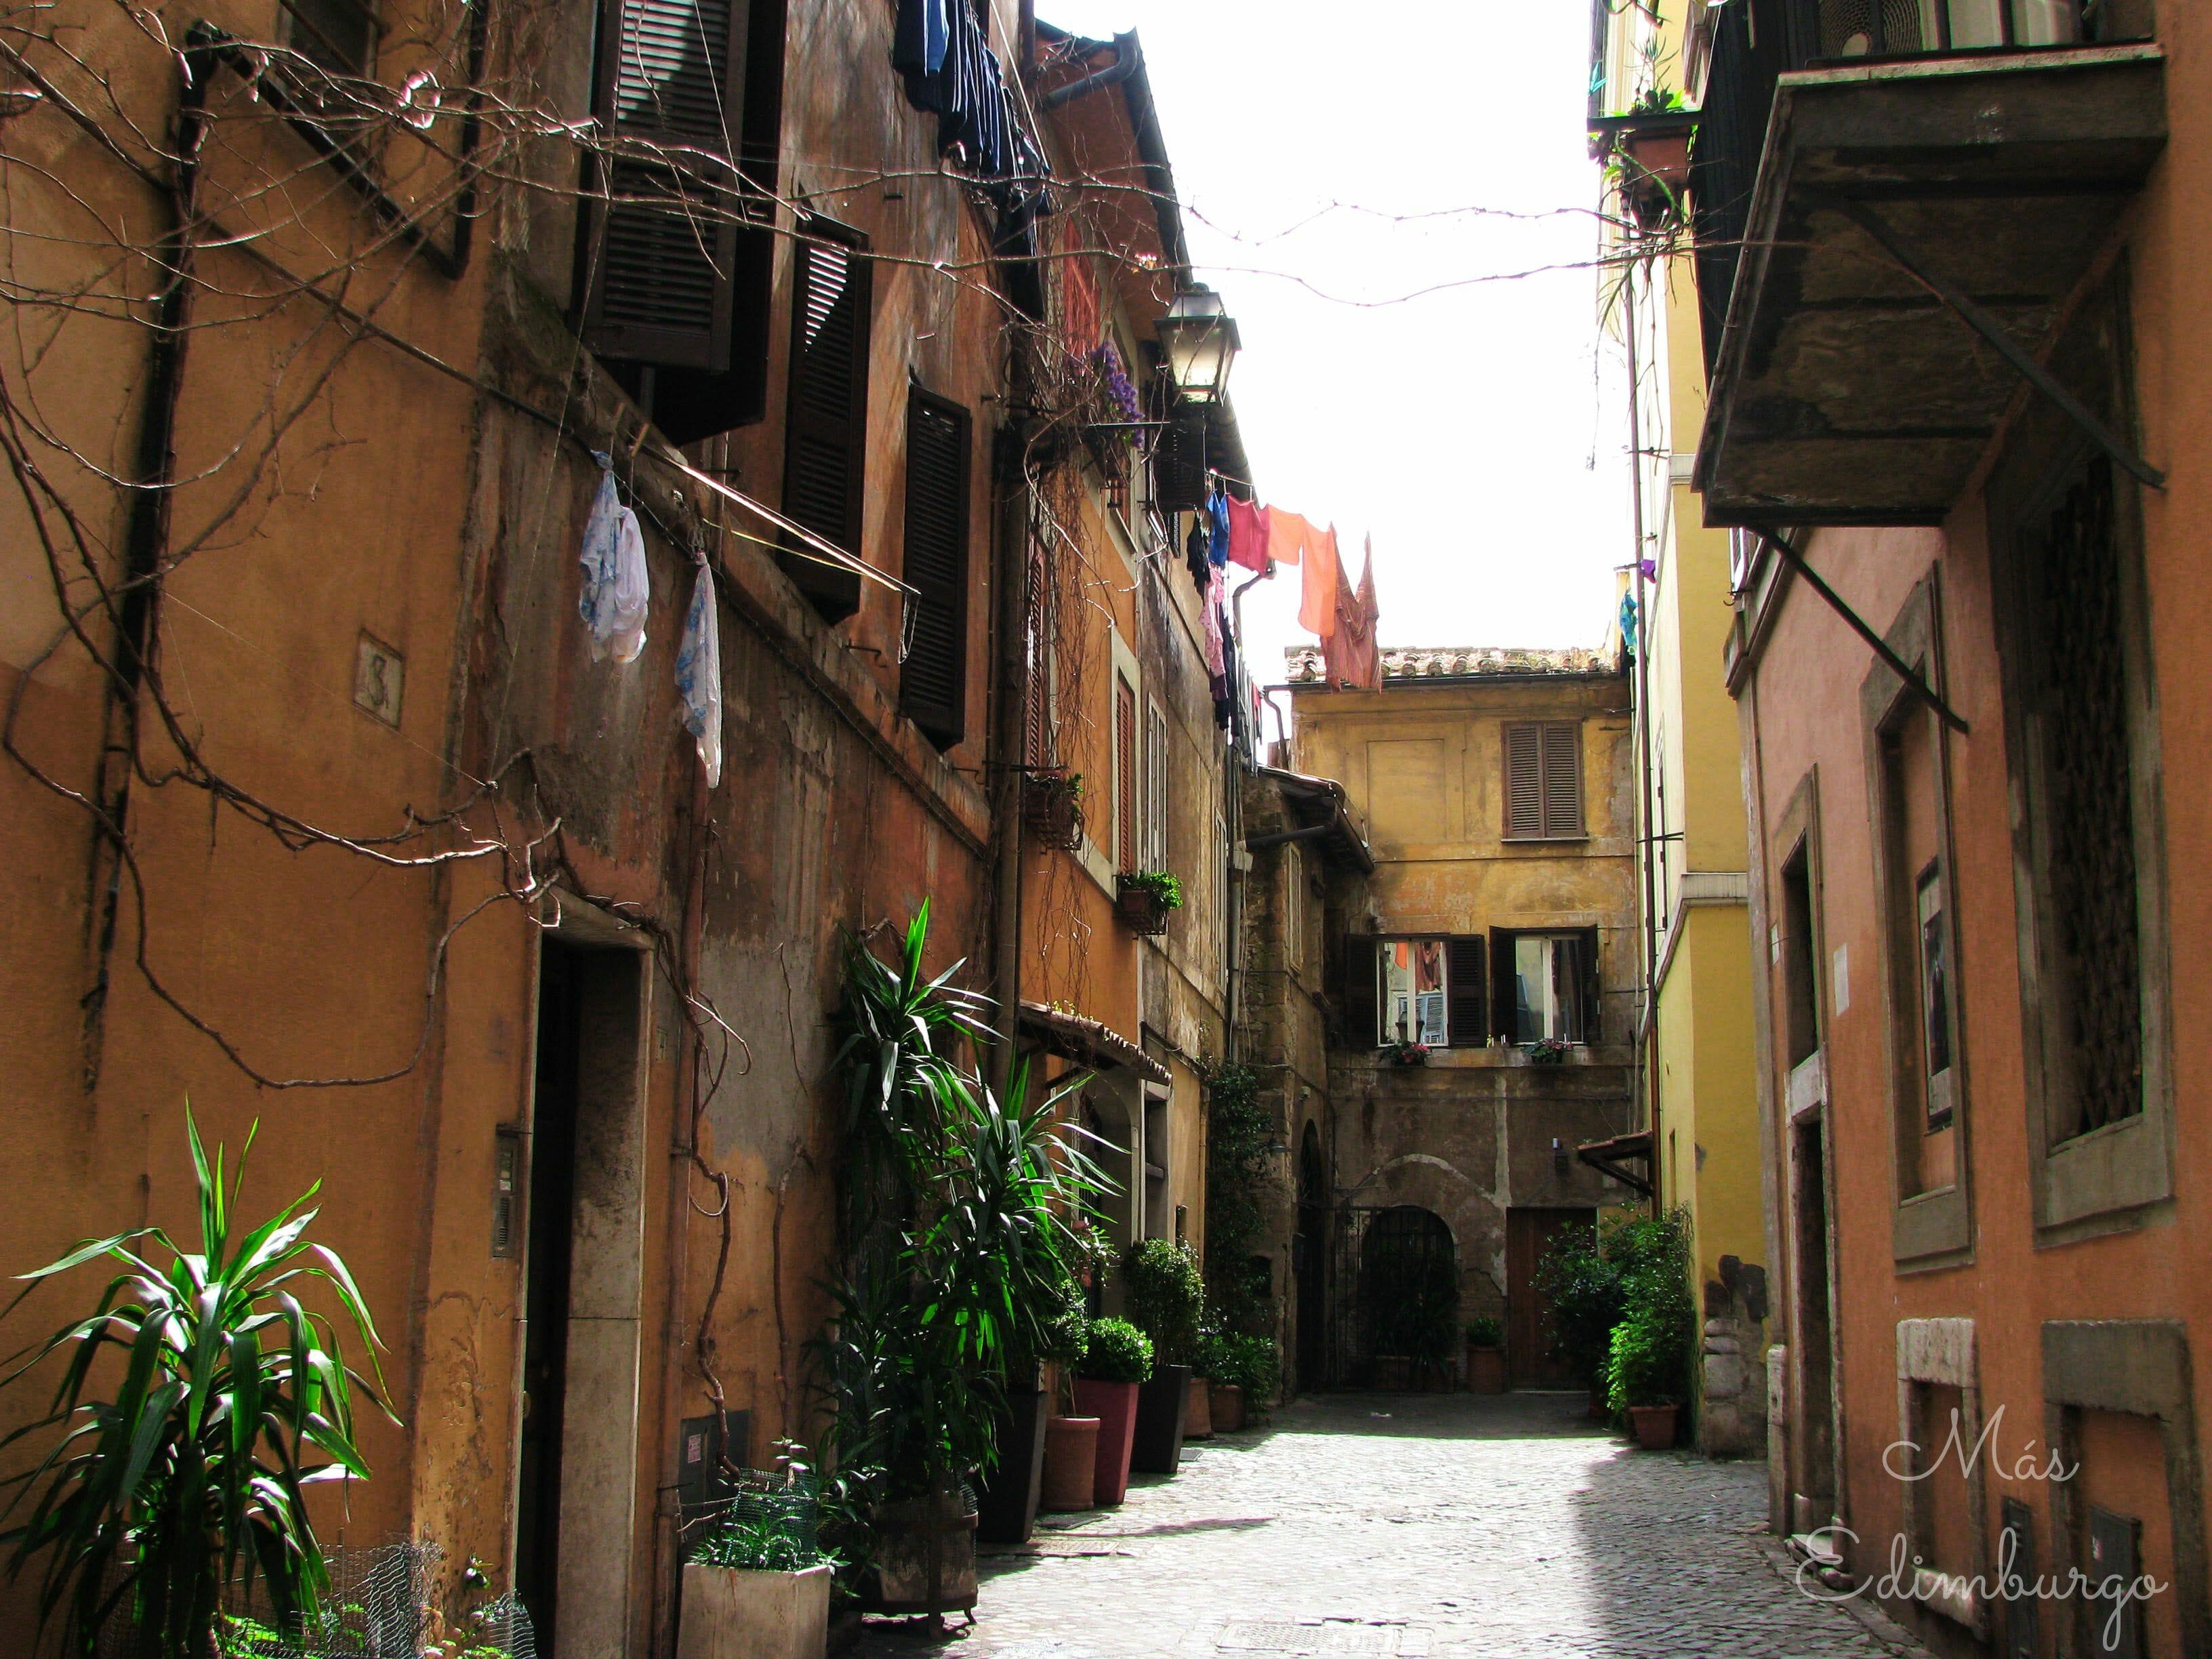 Trastevere, el barrio mas bonito de Roma Mas Edimburgo (20)